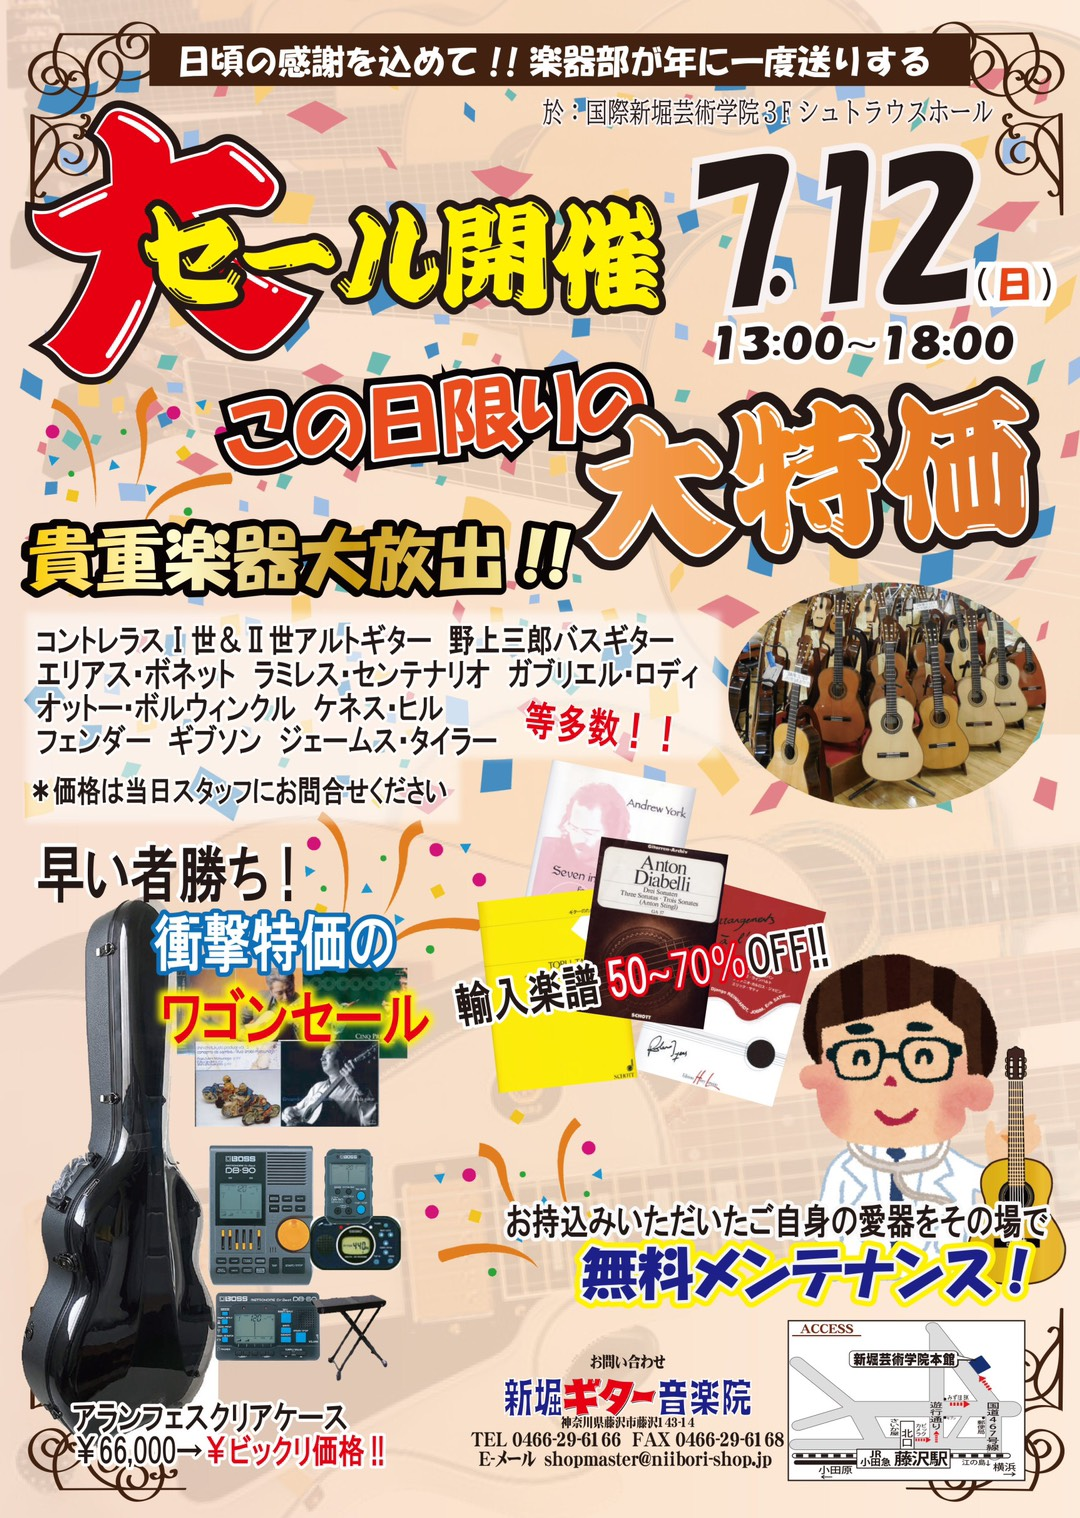 7/12(日)【楽器フェアー】大特価セール開催